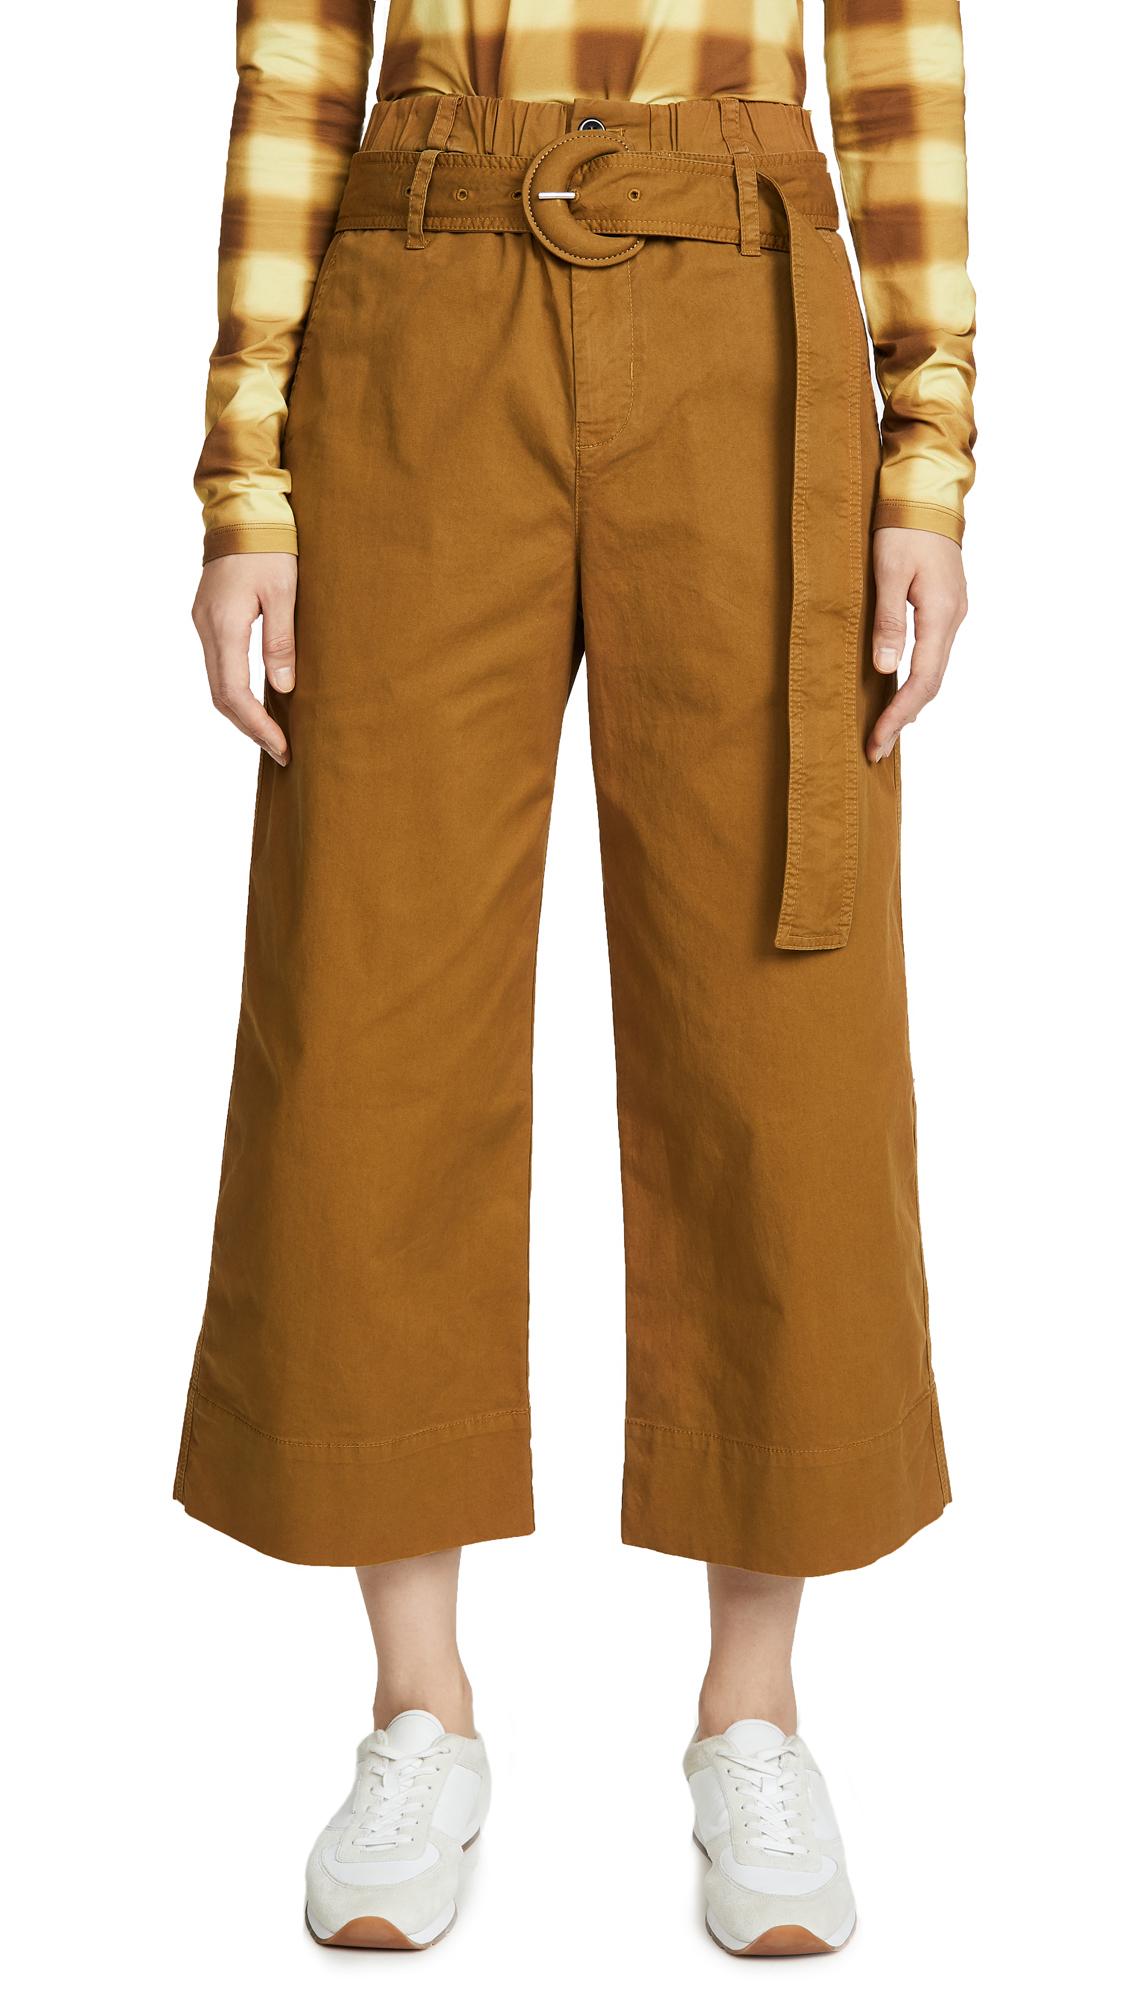 Buy Proenza Schouler White Label online - photo of Proenza Schouler White Label Cotton Paperbag Pants